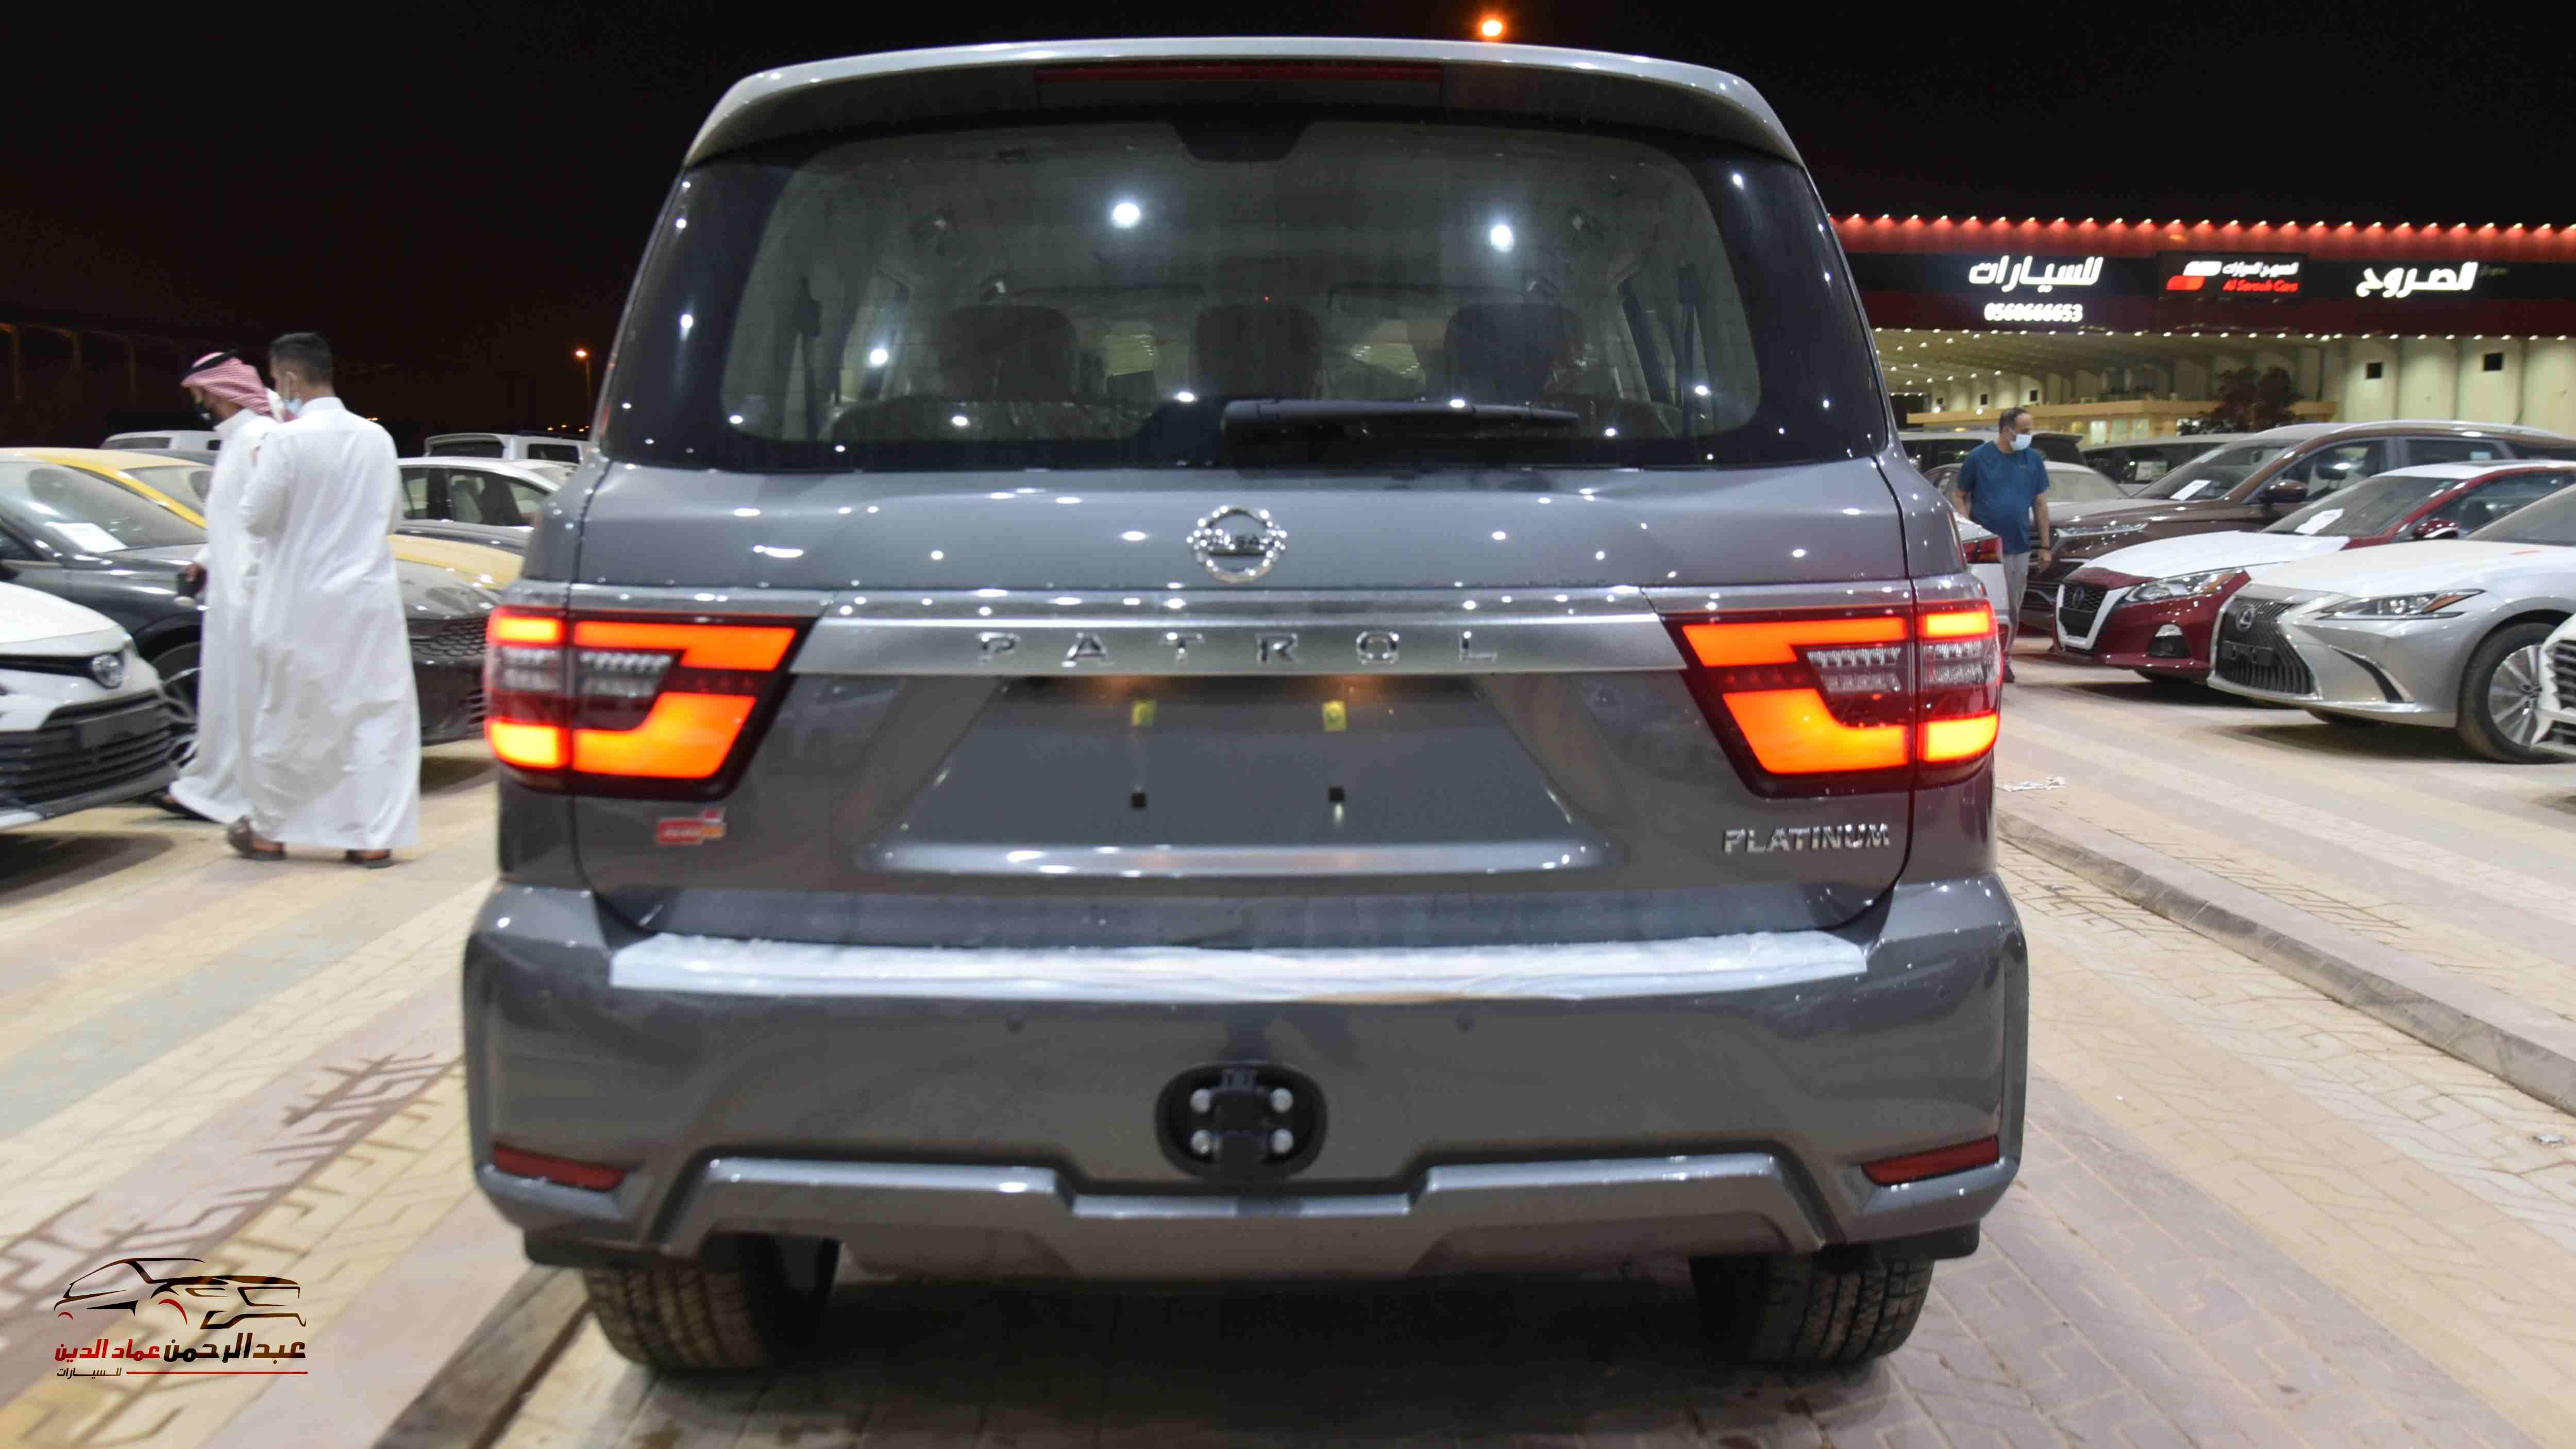 نيسان باترول 2021 V6  بلاتينيوم  SE  سعودي جديد  للبيع في الرياض - السعودية - صورة كبيرة - 3